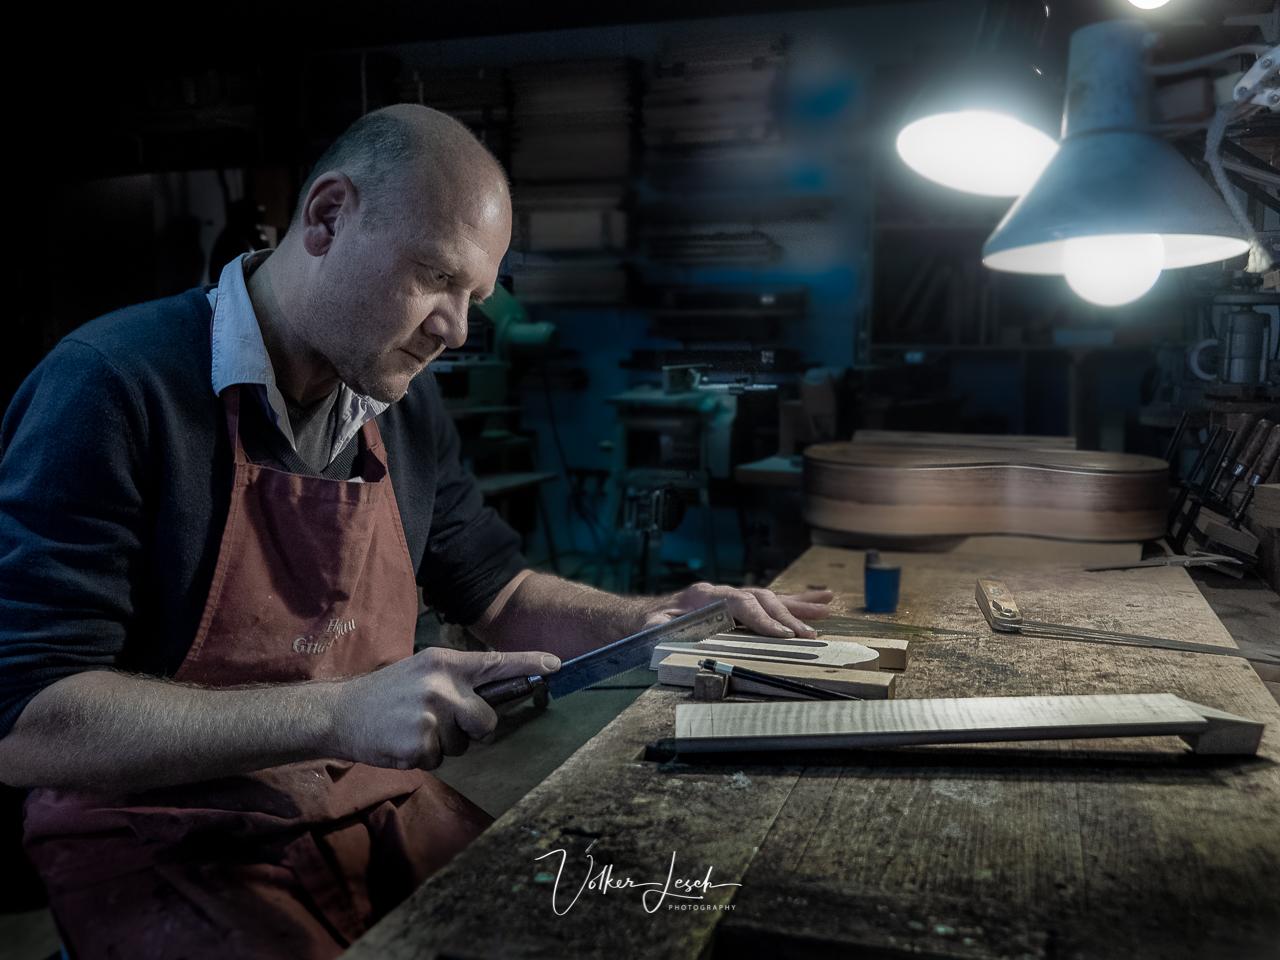 Alexander Herb Gitarrenbau © Volker Lesch - Alpenland Fotografie